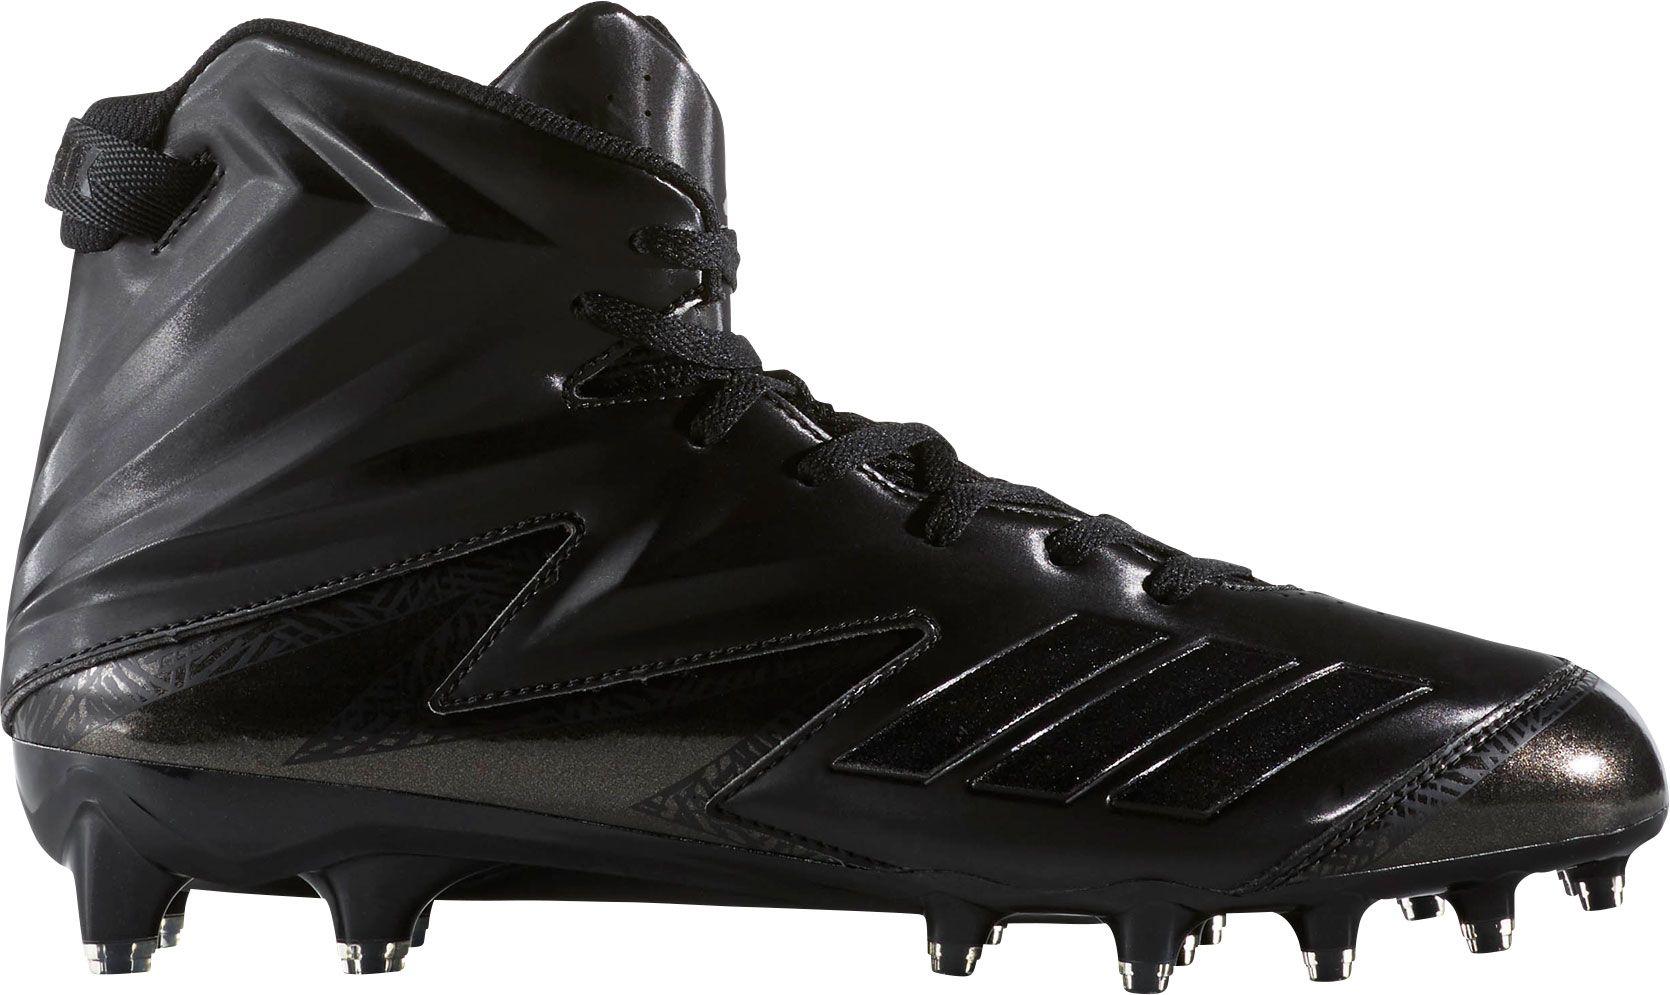 timeless design 7537d 54e73 70%OFF adidas Mens Freak X Carbon High Football Cleats DICKS Sporting Goods